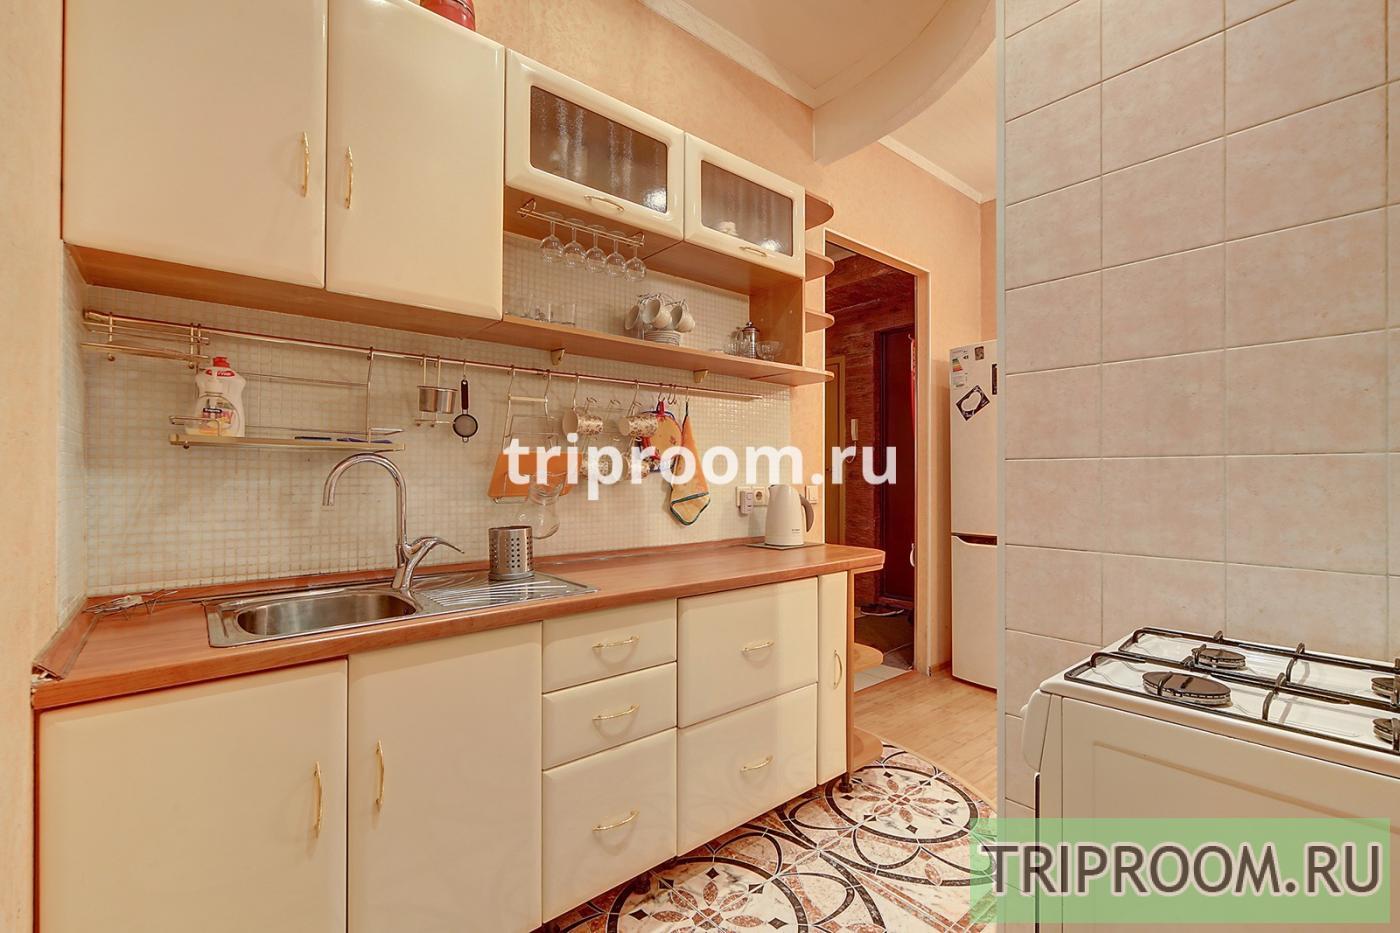 2-комнатная квартира посуточно (вариант № 15459), ул. Адмиралтейская набережная, фото № 19